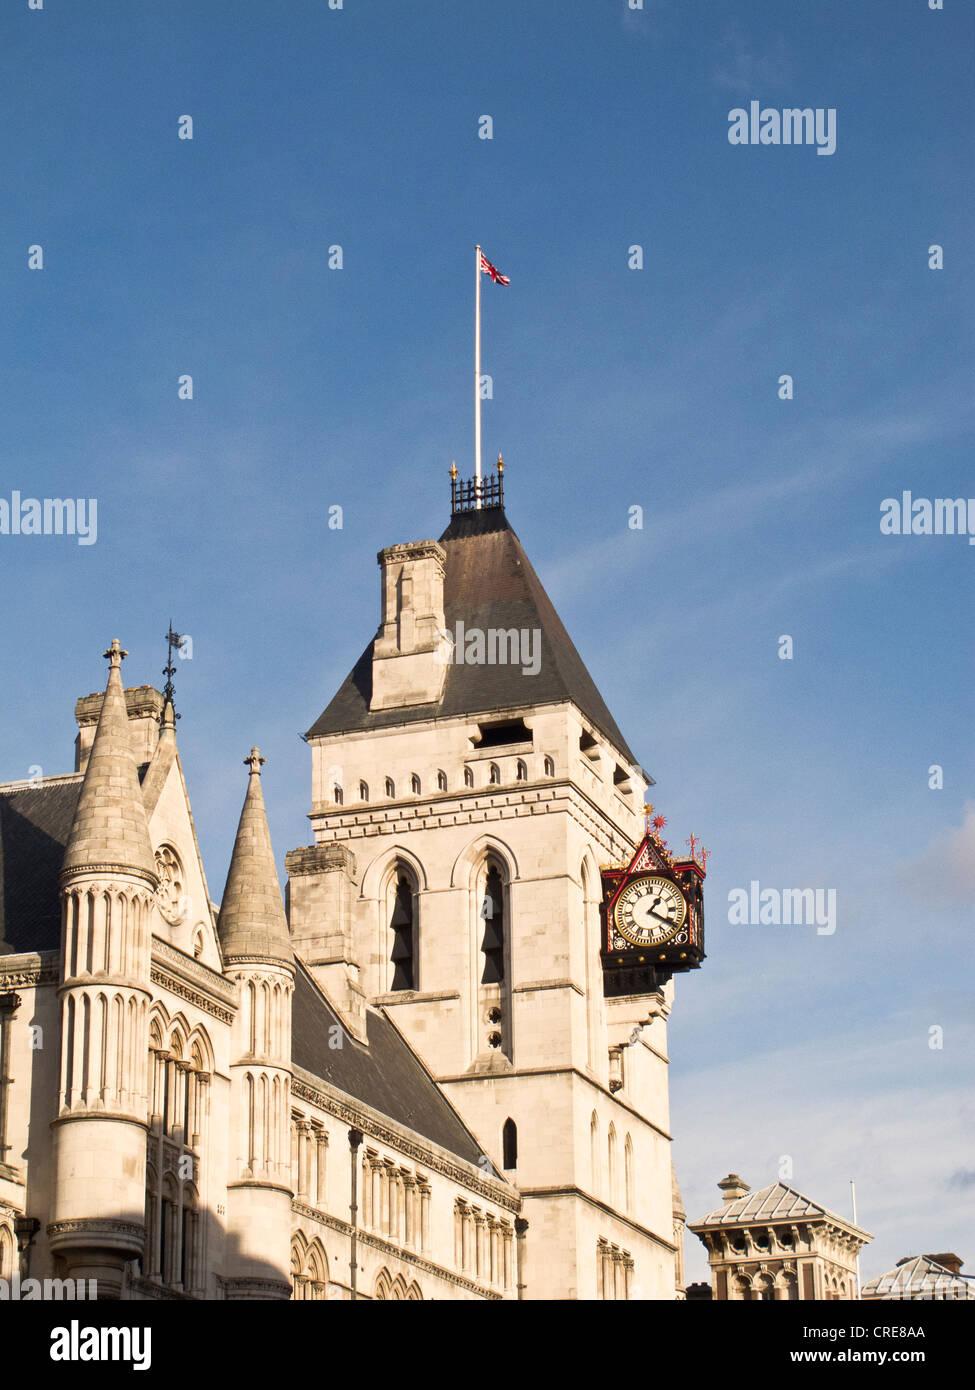 Der Uhrturm an der Royal Courts of Justice, London Stockfoto